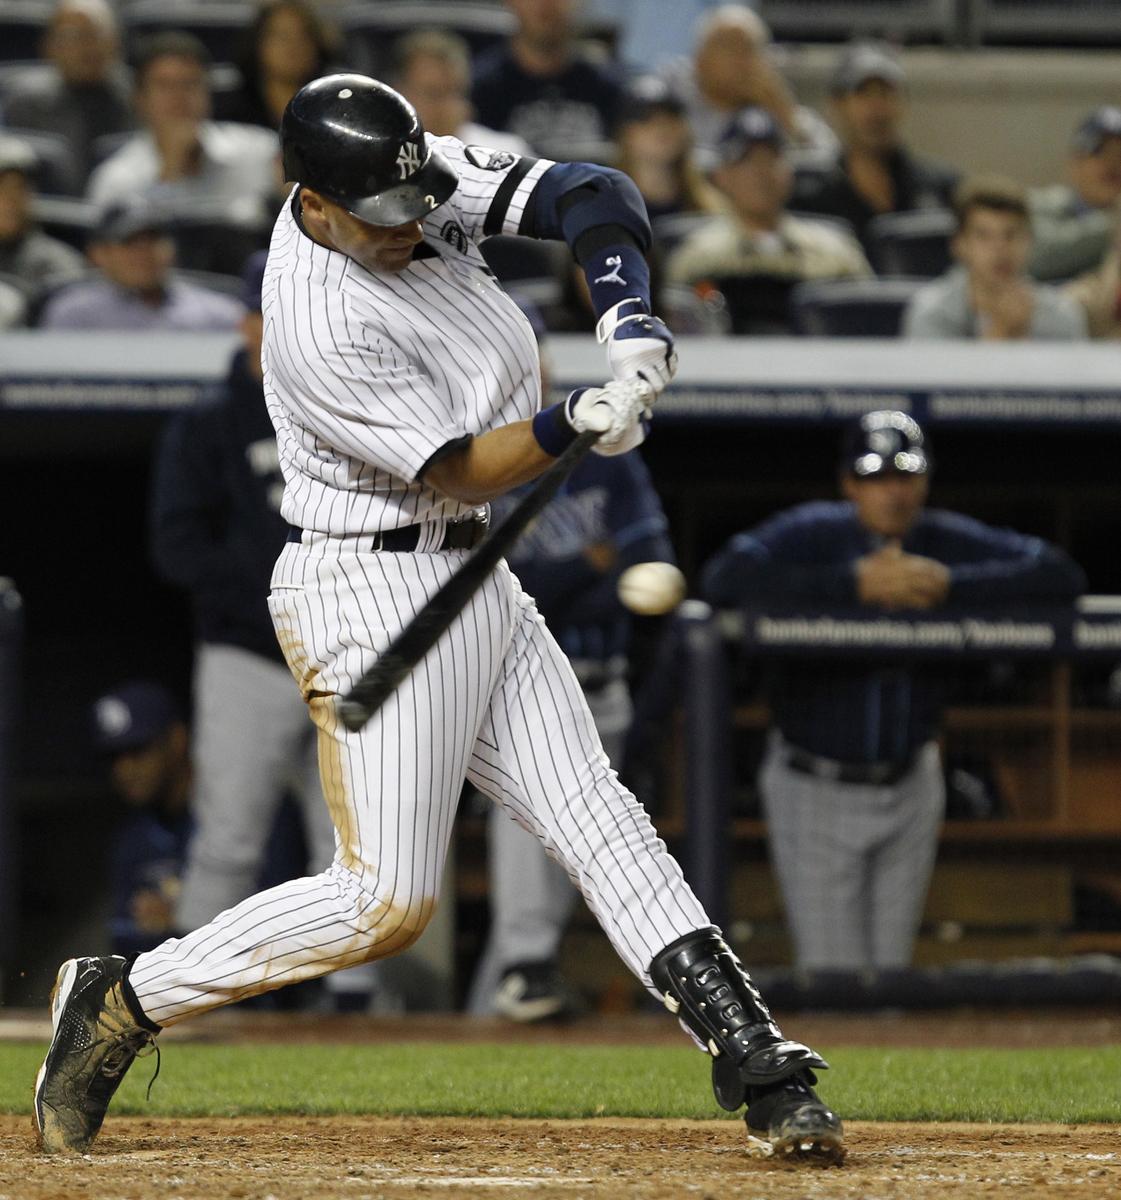 野球のバッティングパフォーマンスに関する補足レジスタンストレーニング(手関節と前腕のエクササイズが高校野球選手の直線スイング速度、撃心でのスイング速度、手の速度、およびバット-ボールコントロールまでの時間に有意に増加させる)